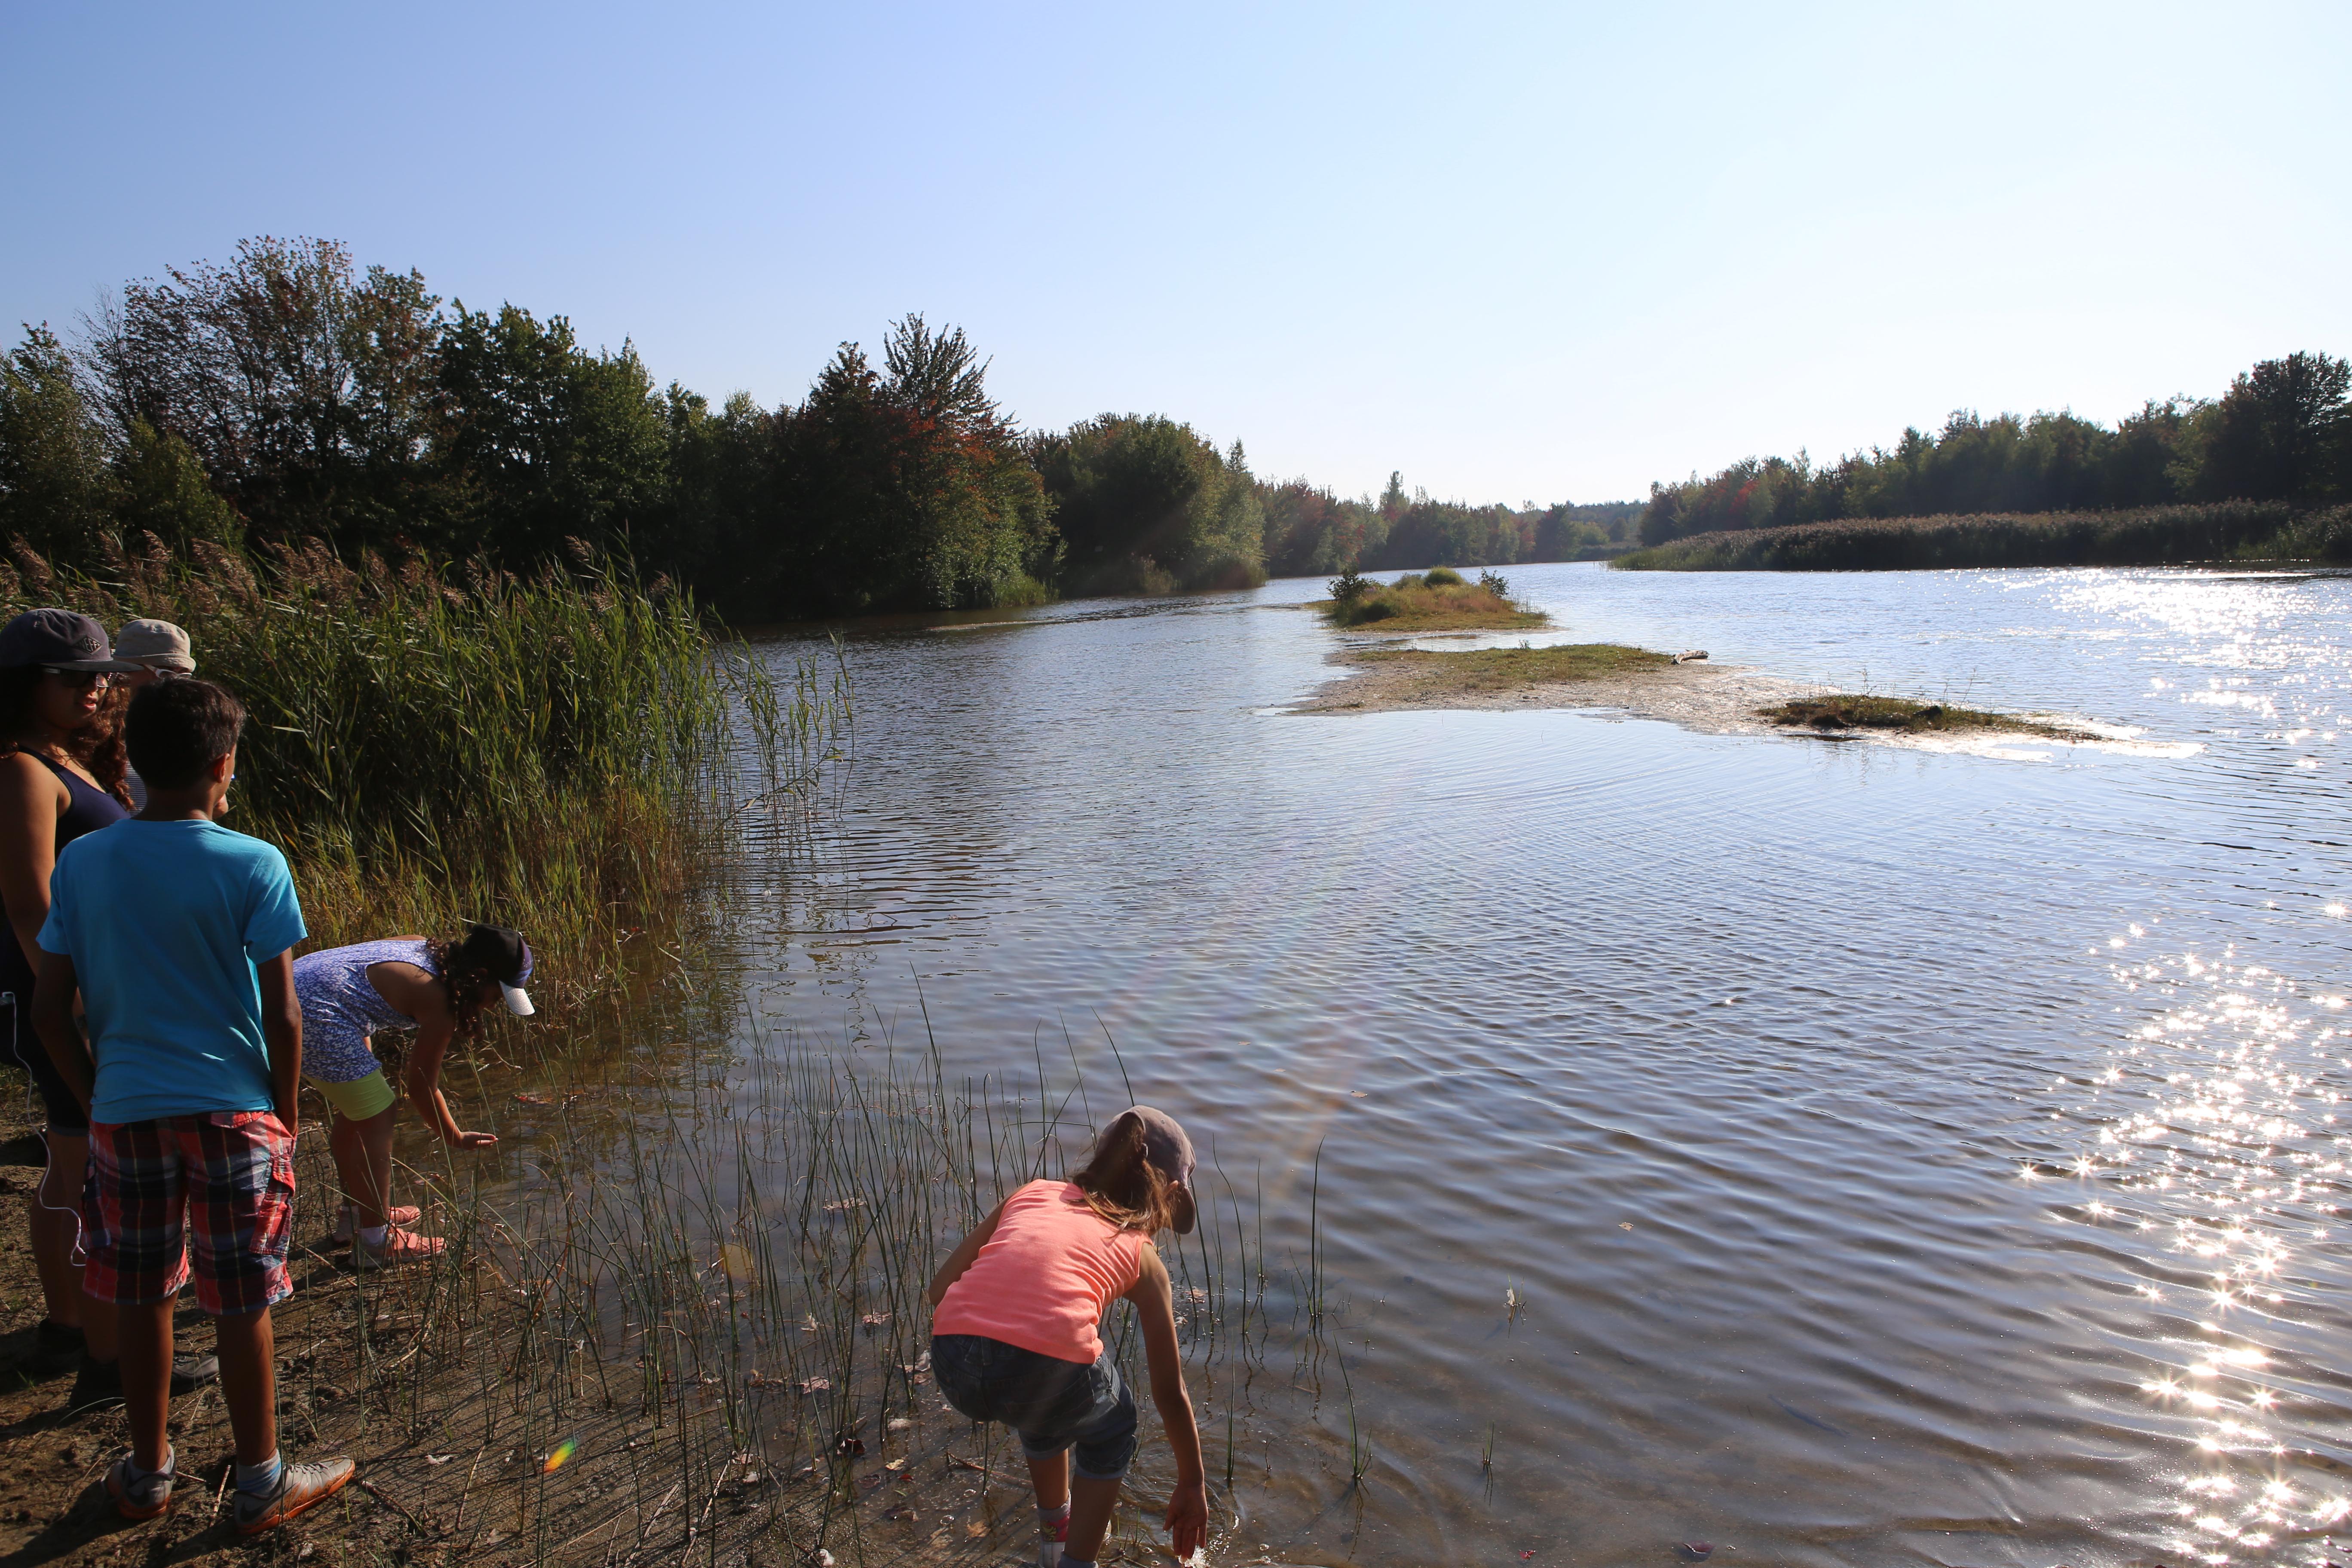 La population découvre un site d'interprétation de la nature unique… et méconnu!